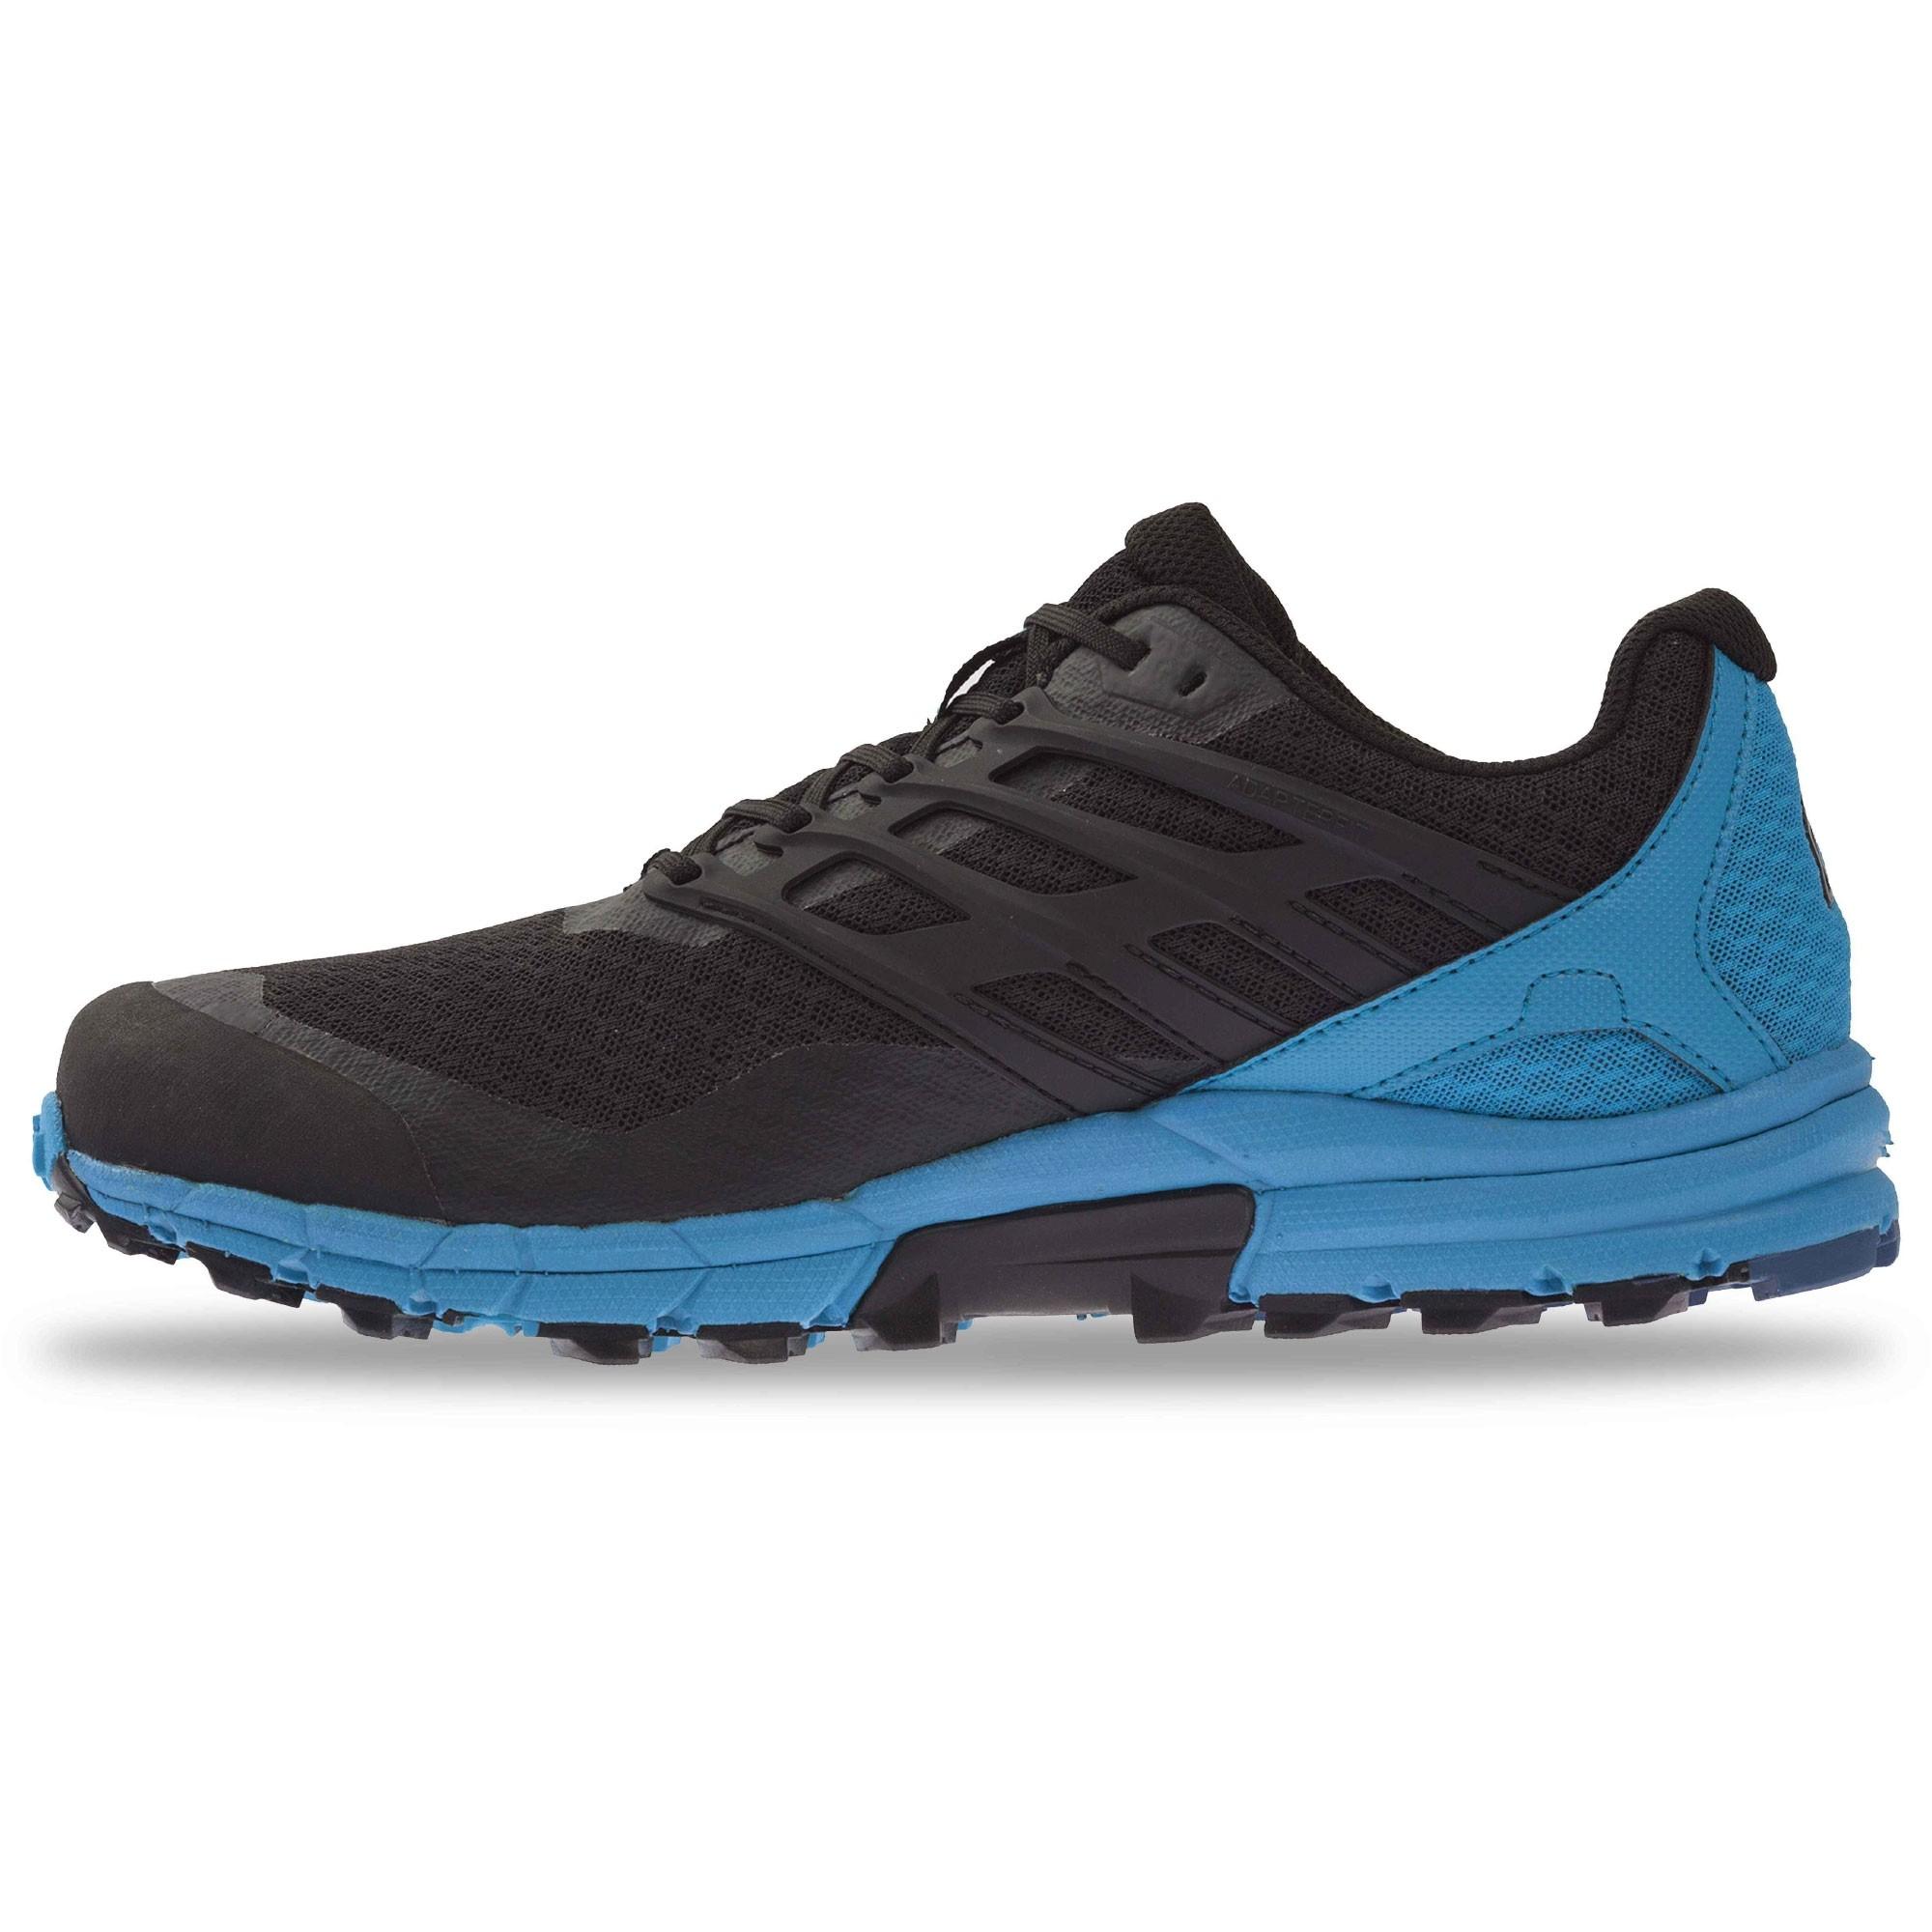 Inov8 Trail Talon 290 Trail Running Shoes - Black/Blue- Side 1